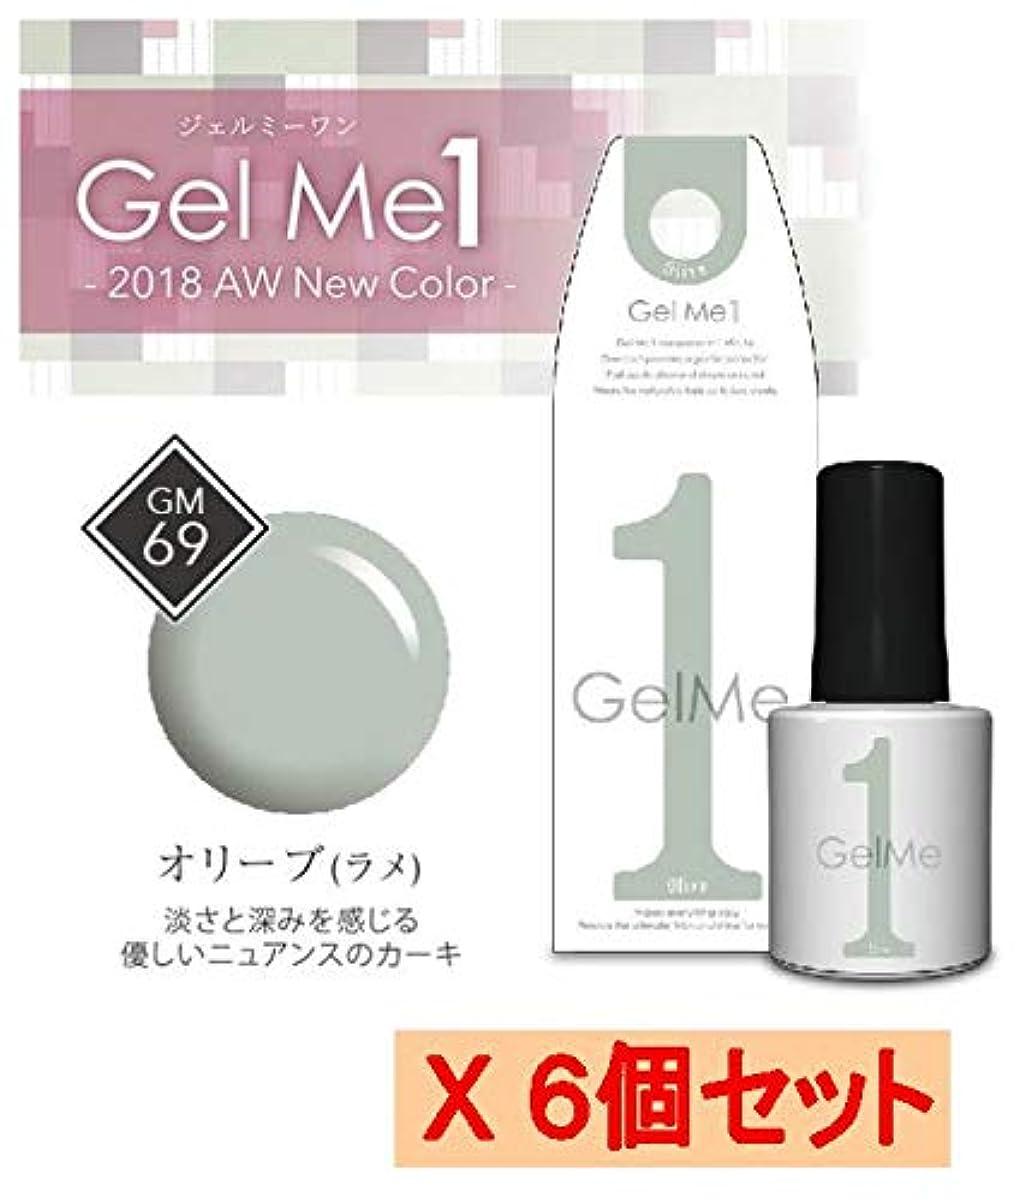 今後ジャムボックスジェルミーワン[GelMe1] GM-69 オリーブ(ラメ) 【セルフ ジェルネイル ジェル】 X6個セット